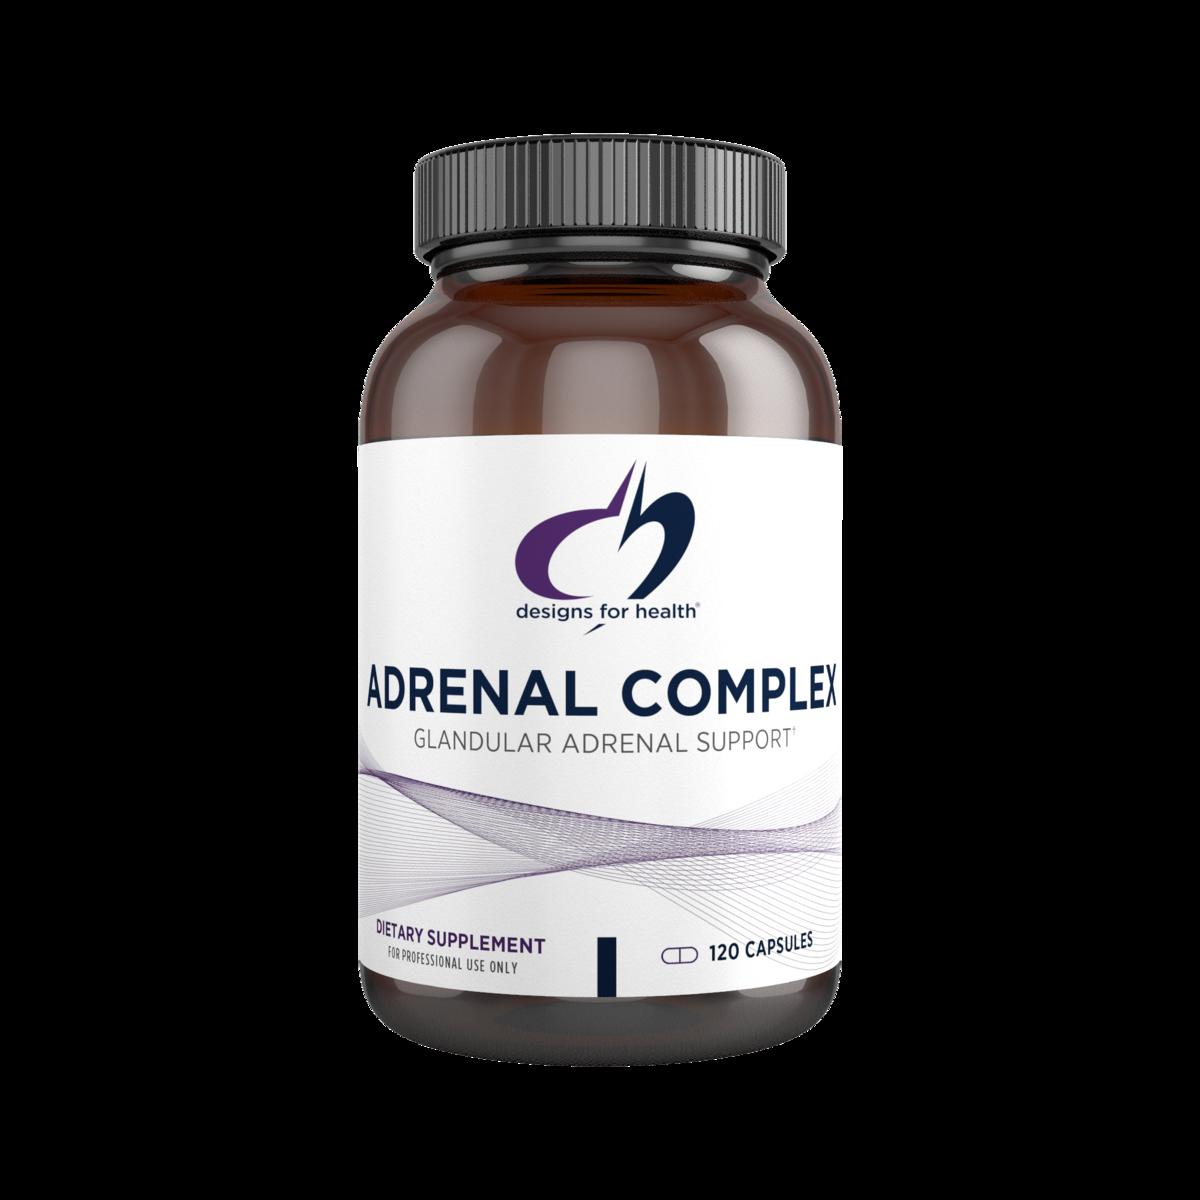 Adrenal-complex_120capsules-1